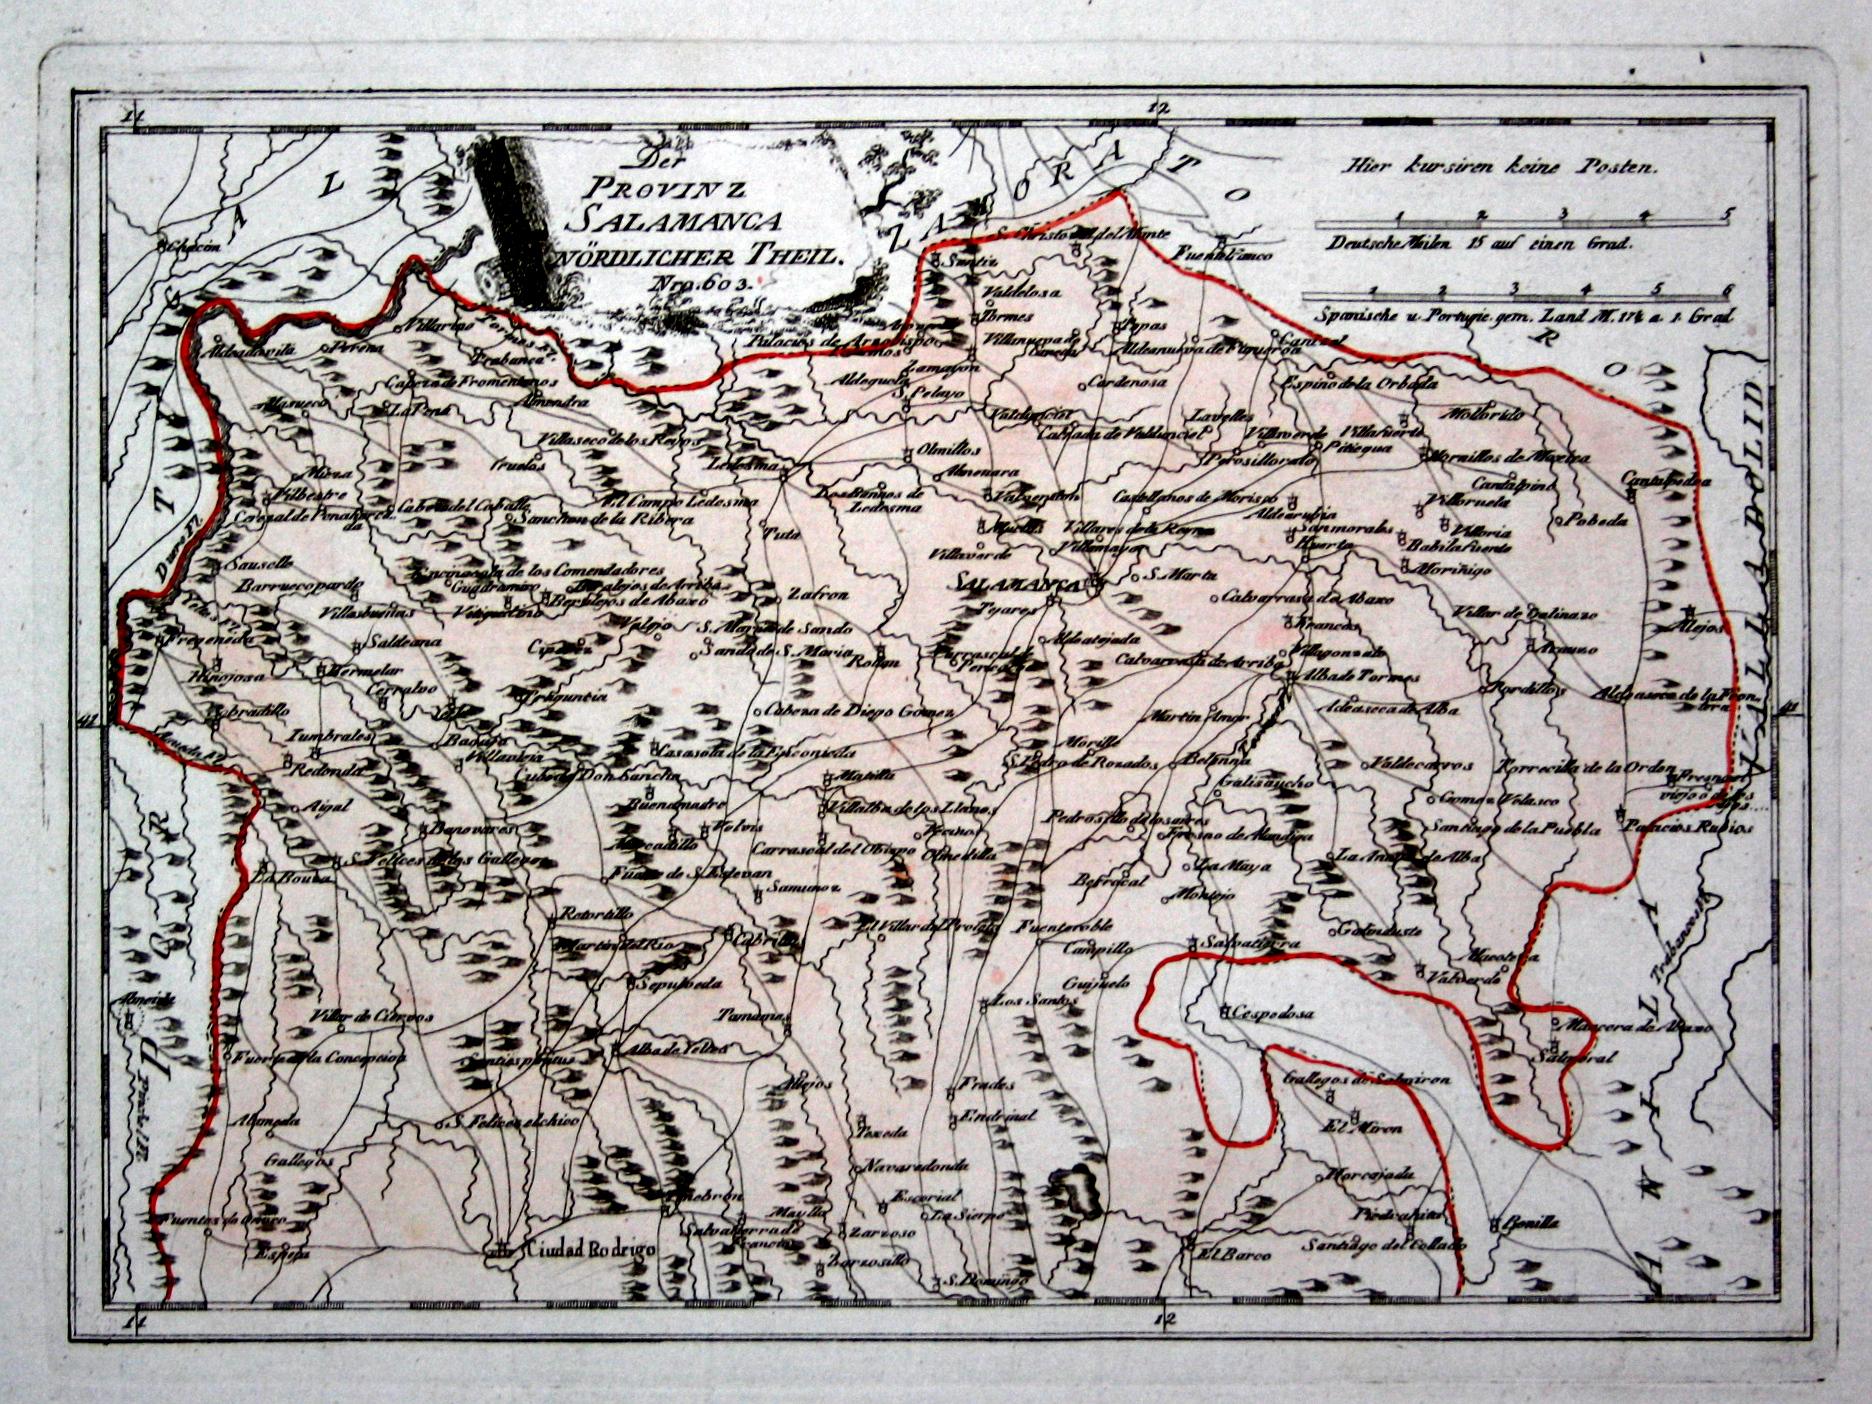 Salamanca Spanien Karte.Der Provinz Salamanca Nördlicher Theil